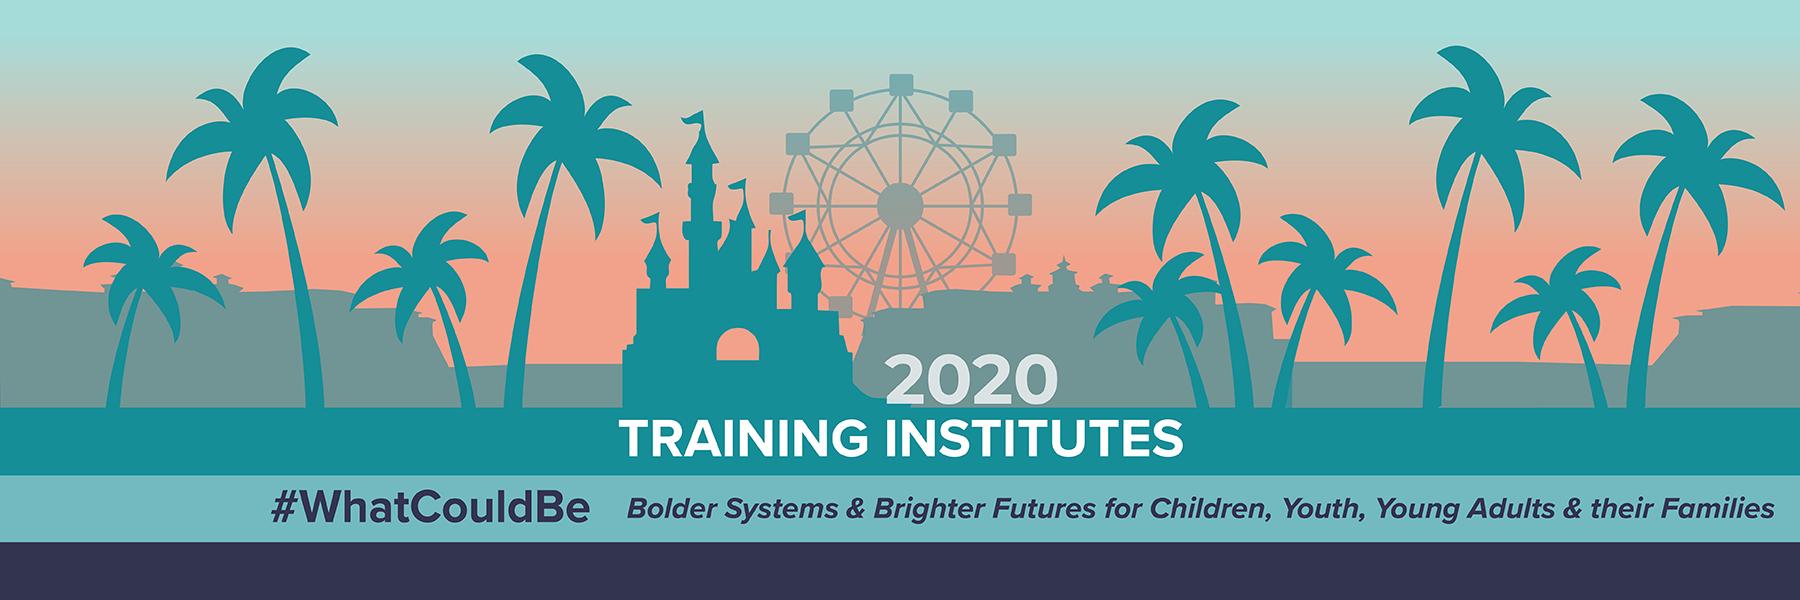 2020 Training Institutes